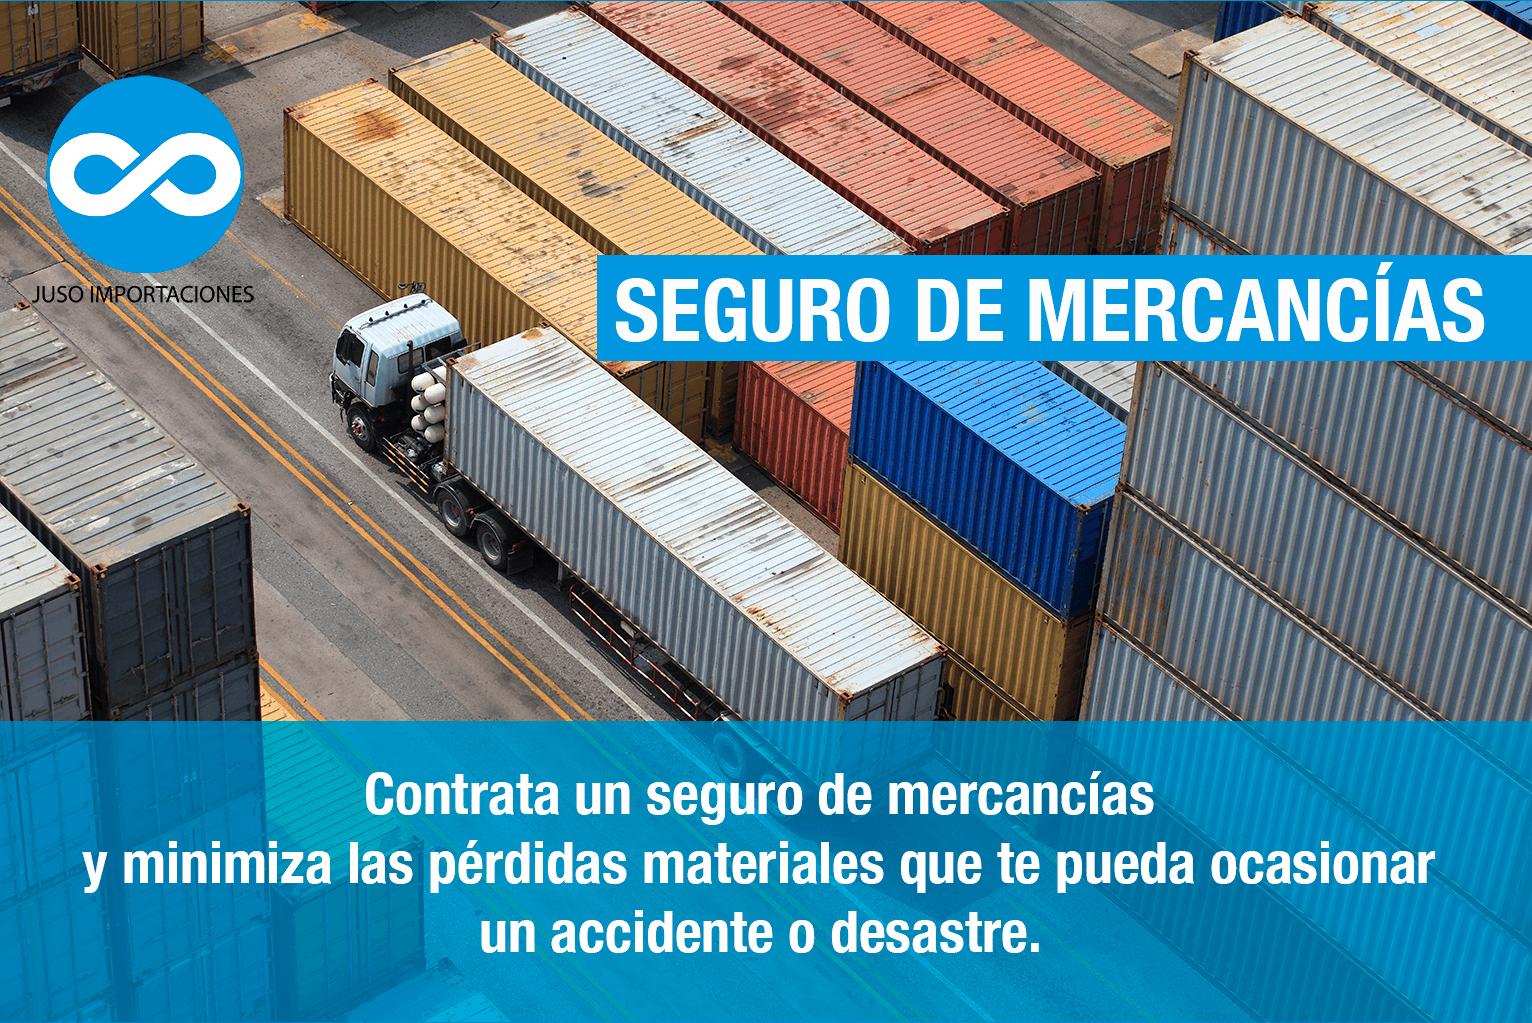 Agencia Aduanal Juso seguros para mercancías